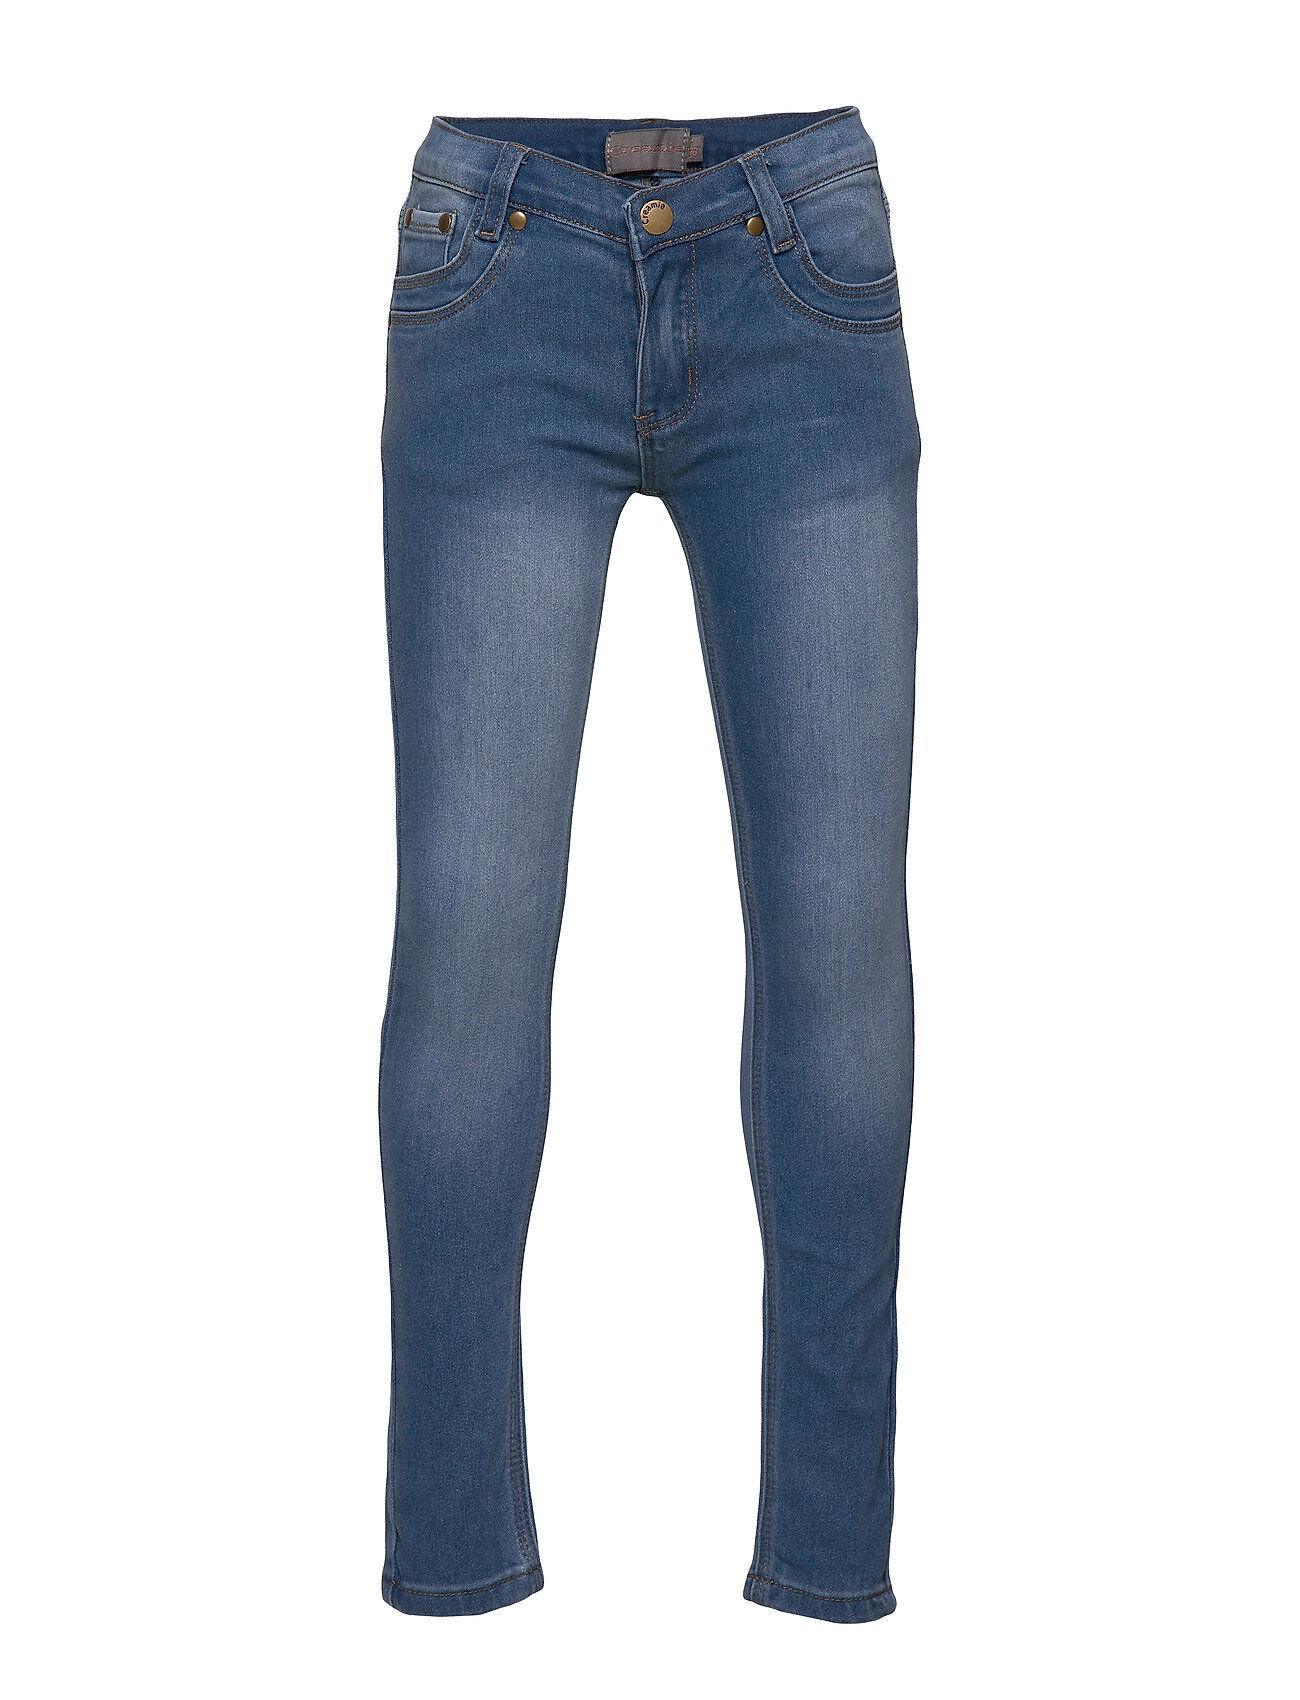 Creamie Jeans Farkut Sininen Creamie